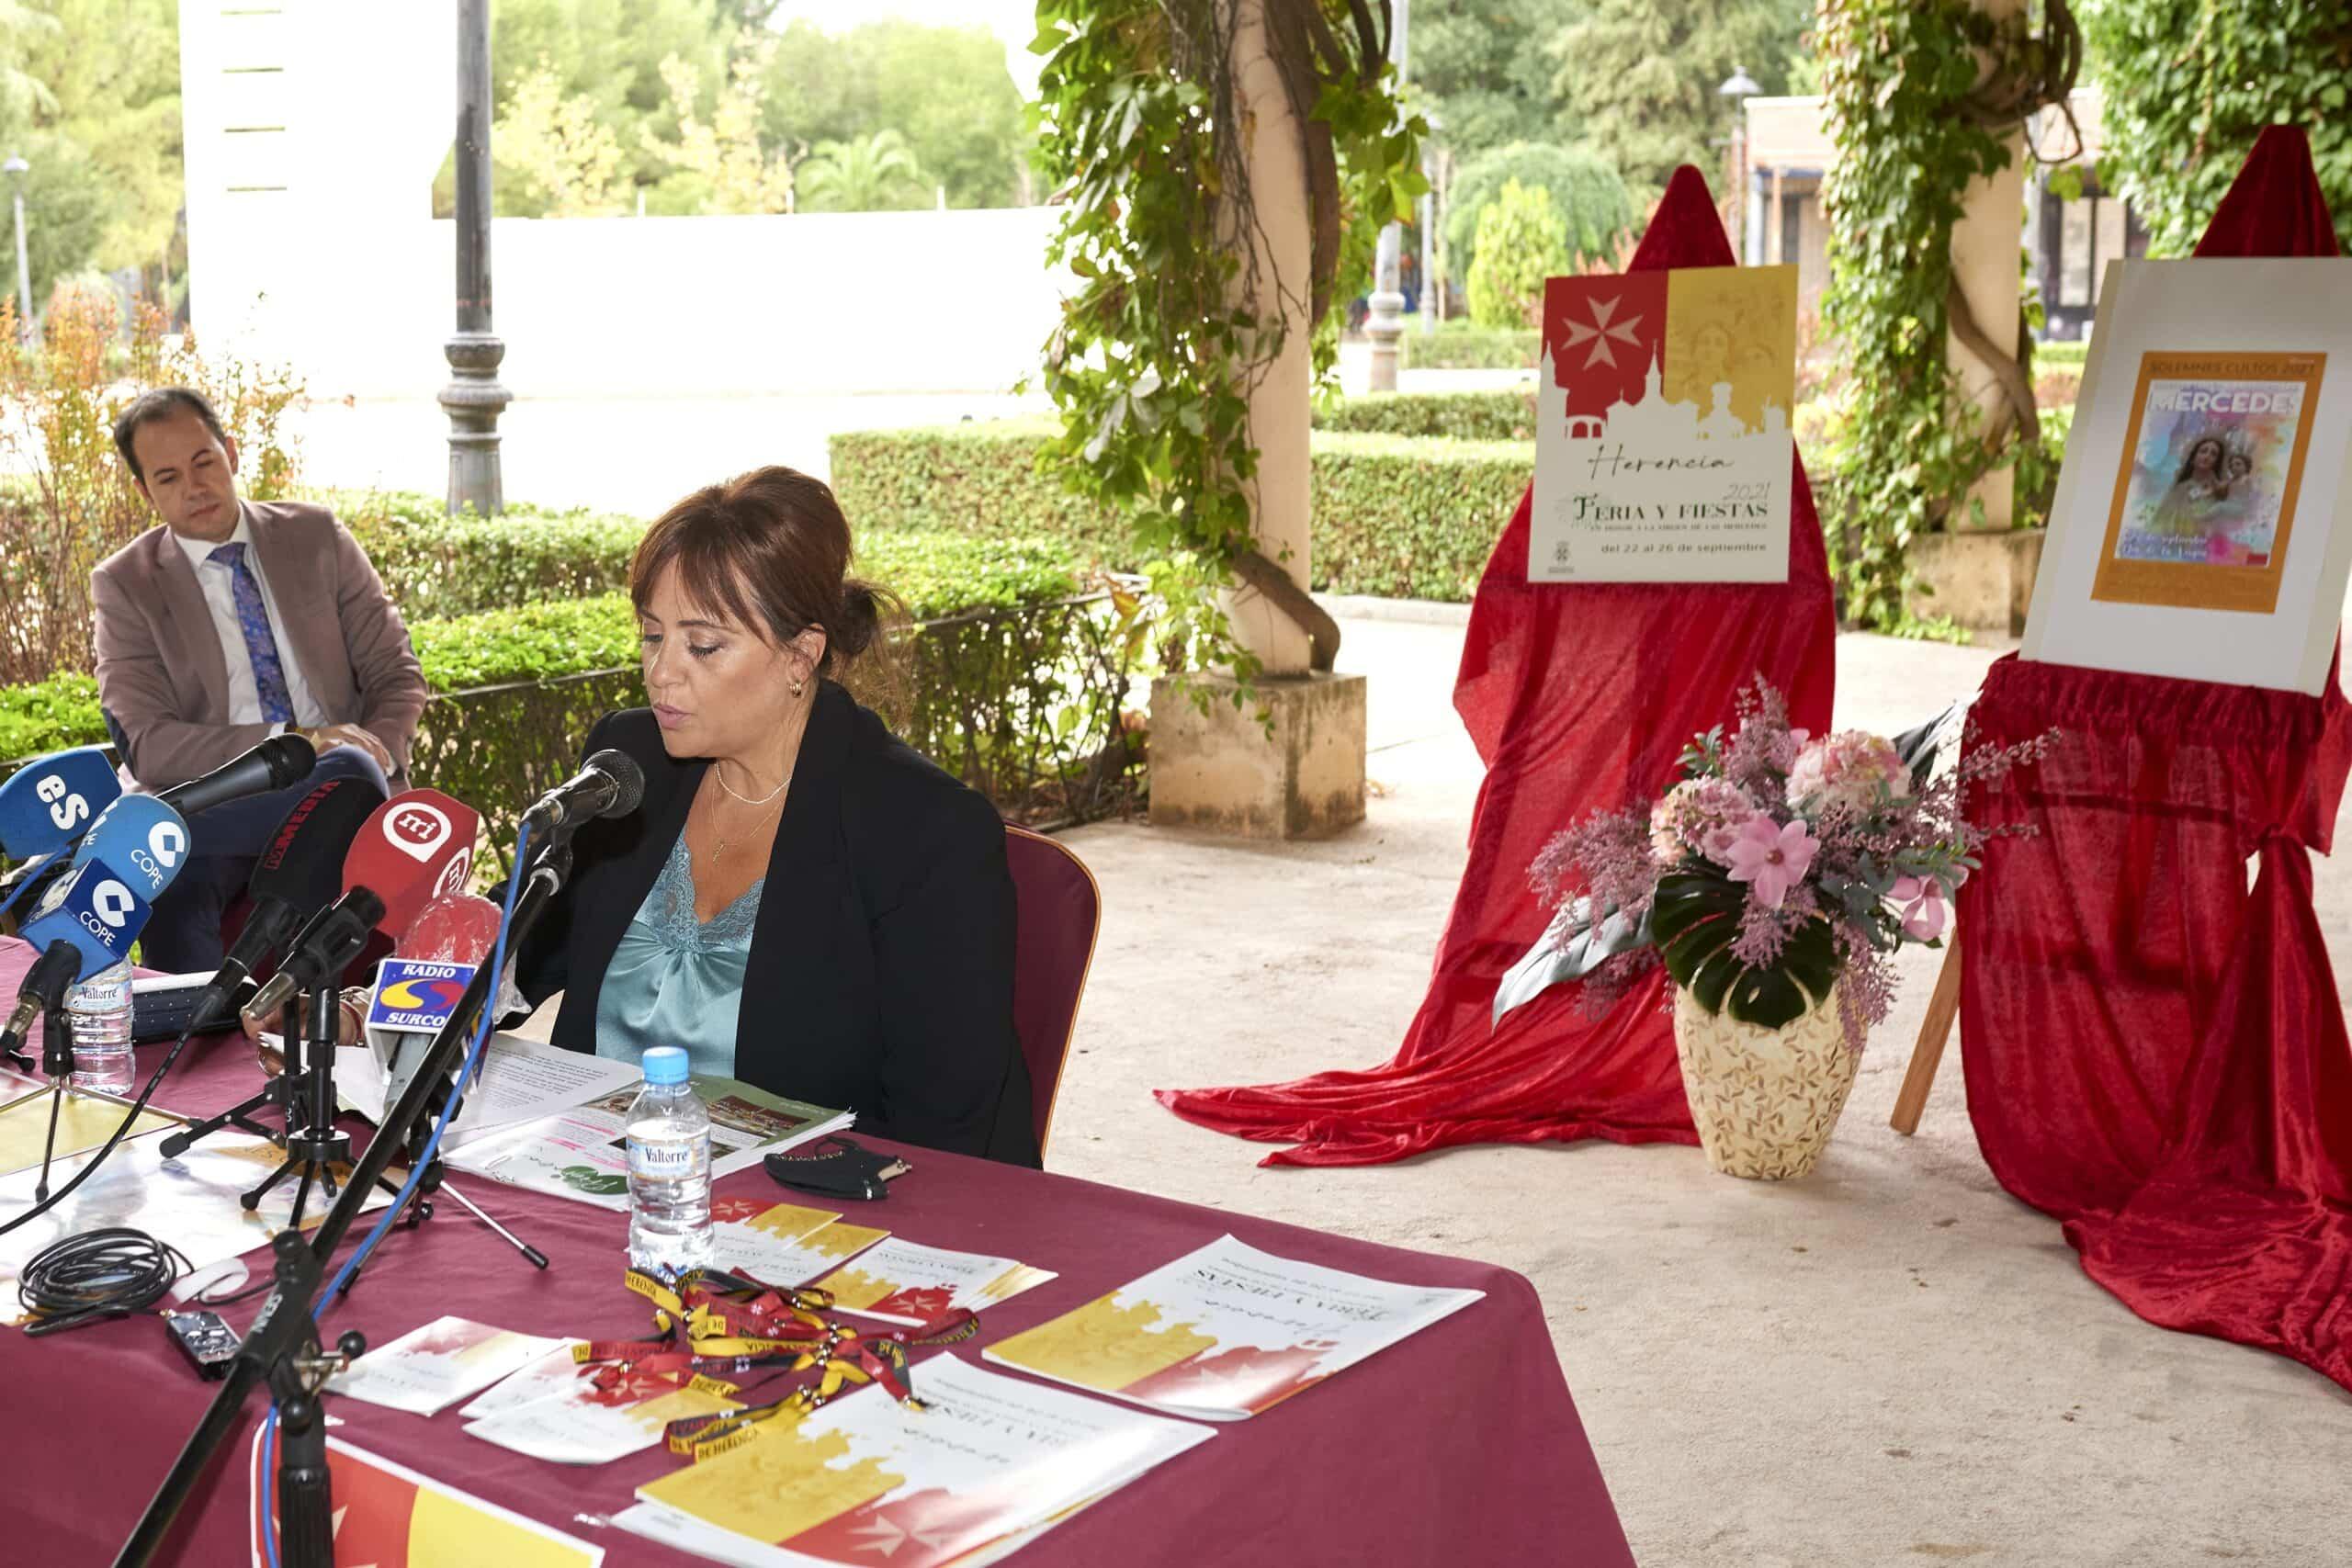 Herencia anuncia con ilusión la celebración de sus Fiestas adaptando todos los actos a la situación sanitaria 6